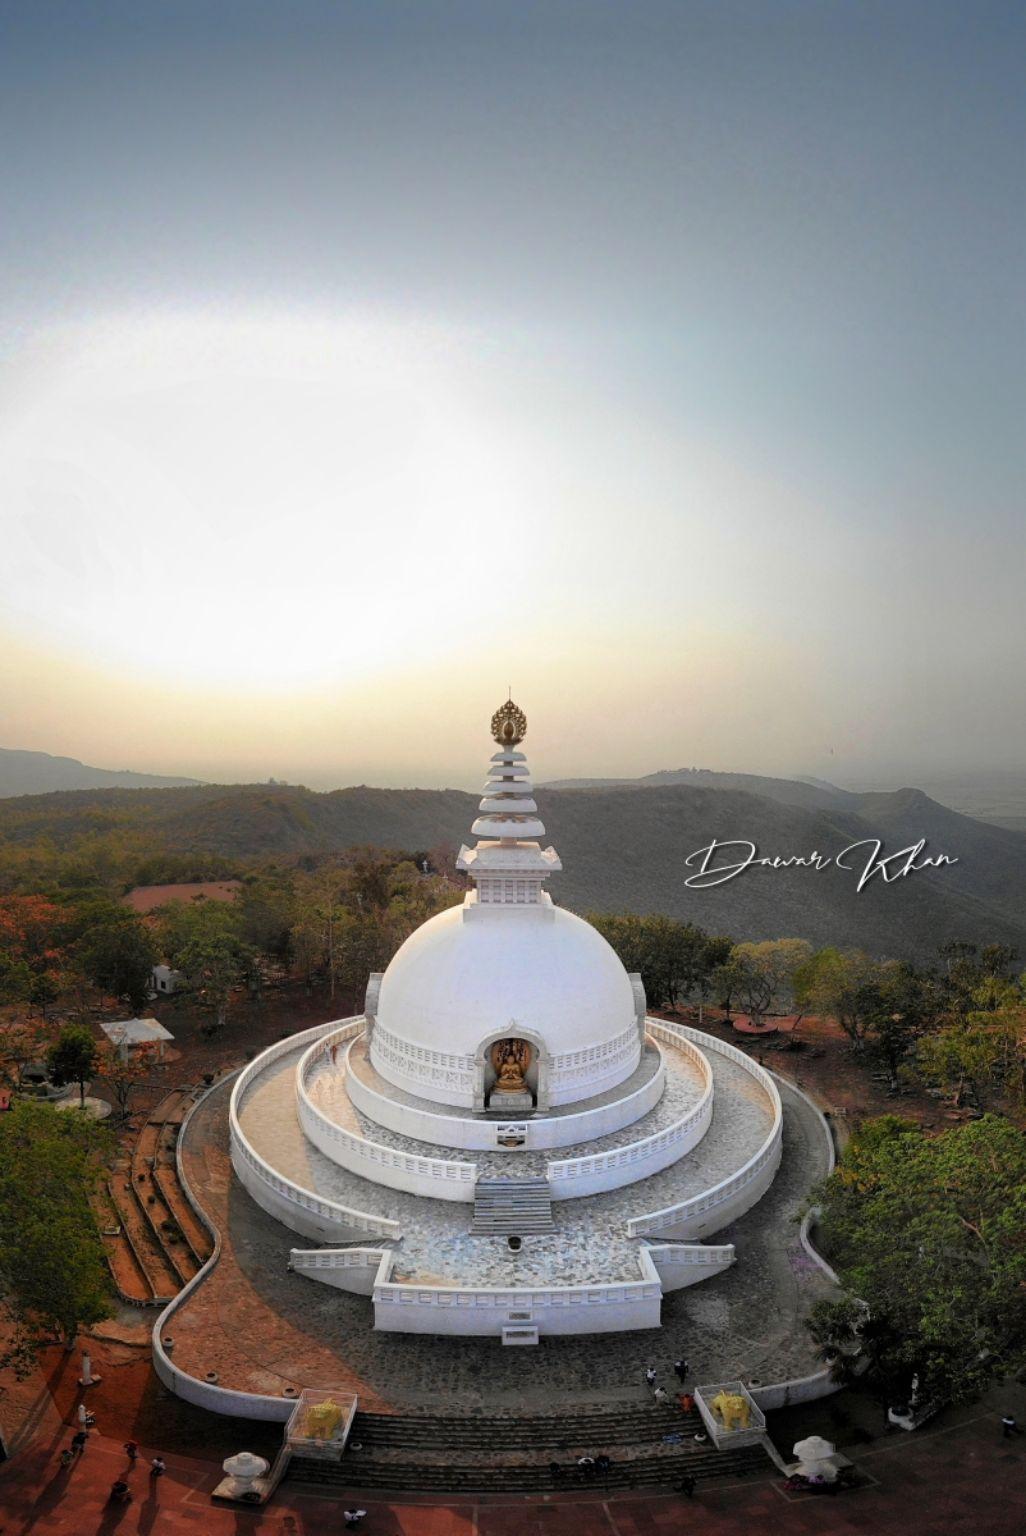 Photo of Rajgir By Shahrukh Dawar Khan